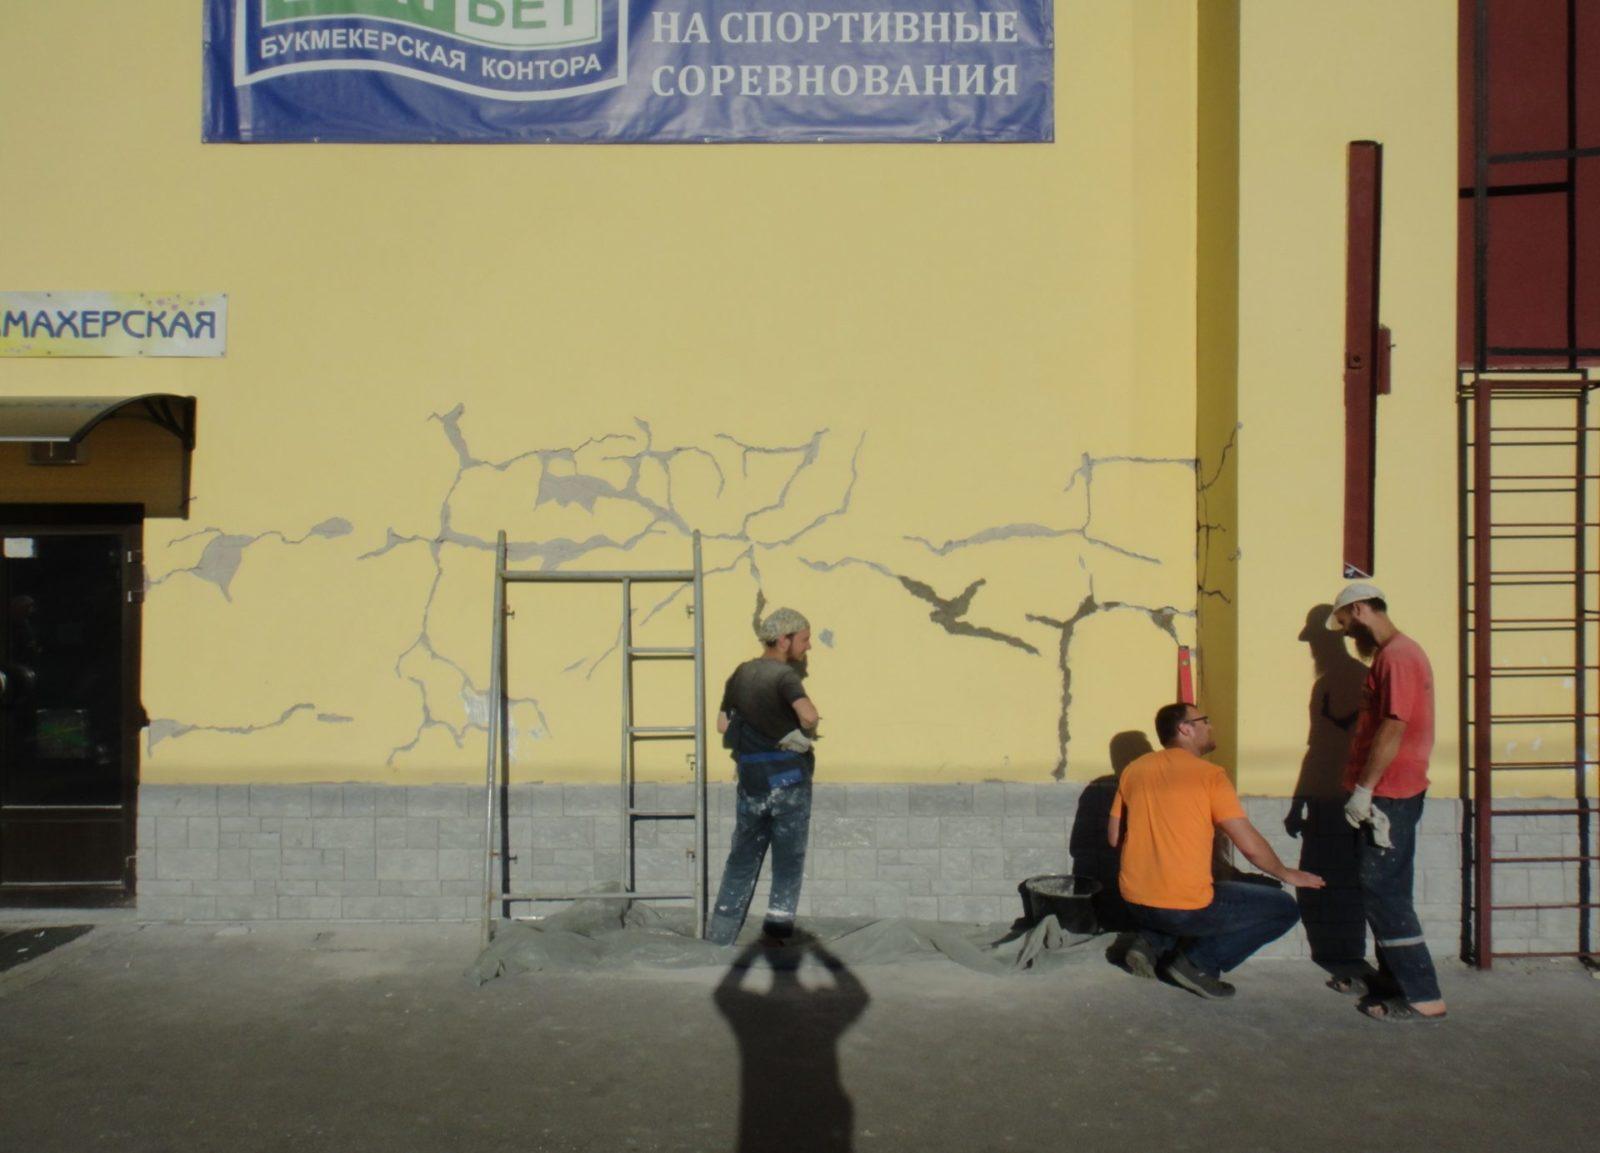 Качественный ремонт фасада здания ЗАО «ЦТО-ККМ, СПб» в Петербурге